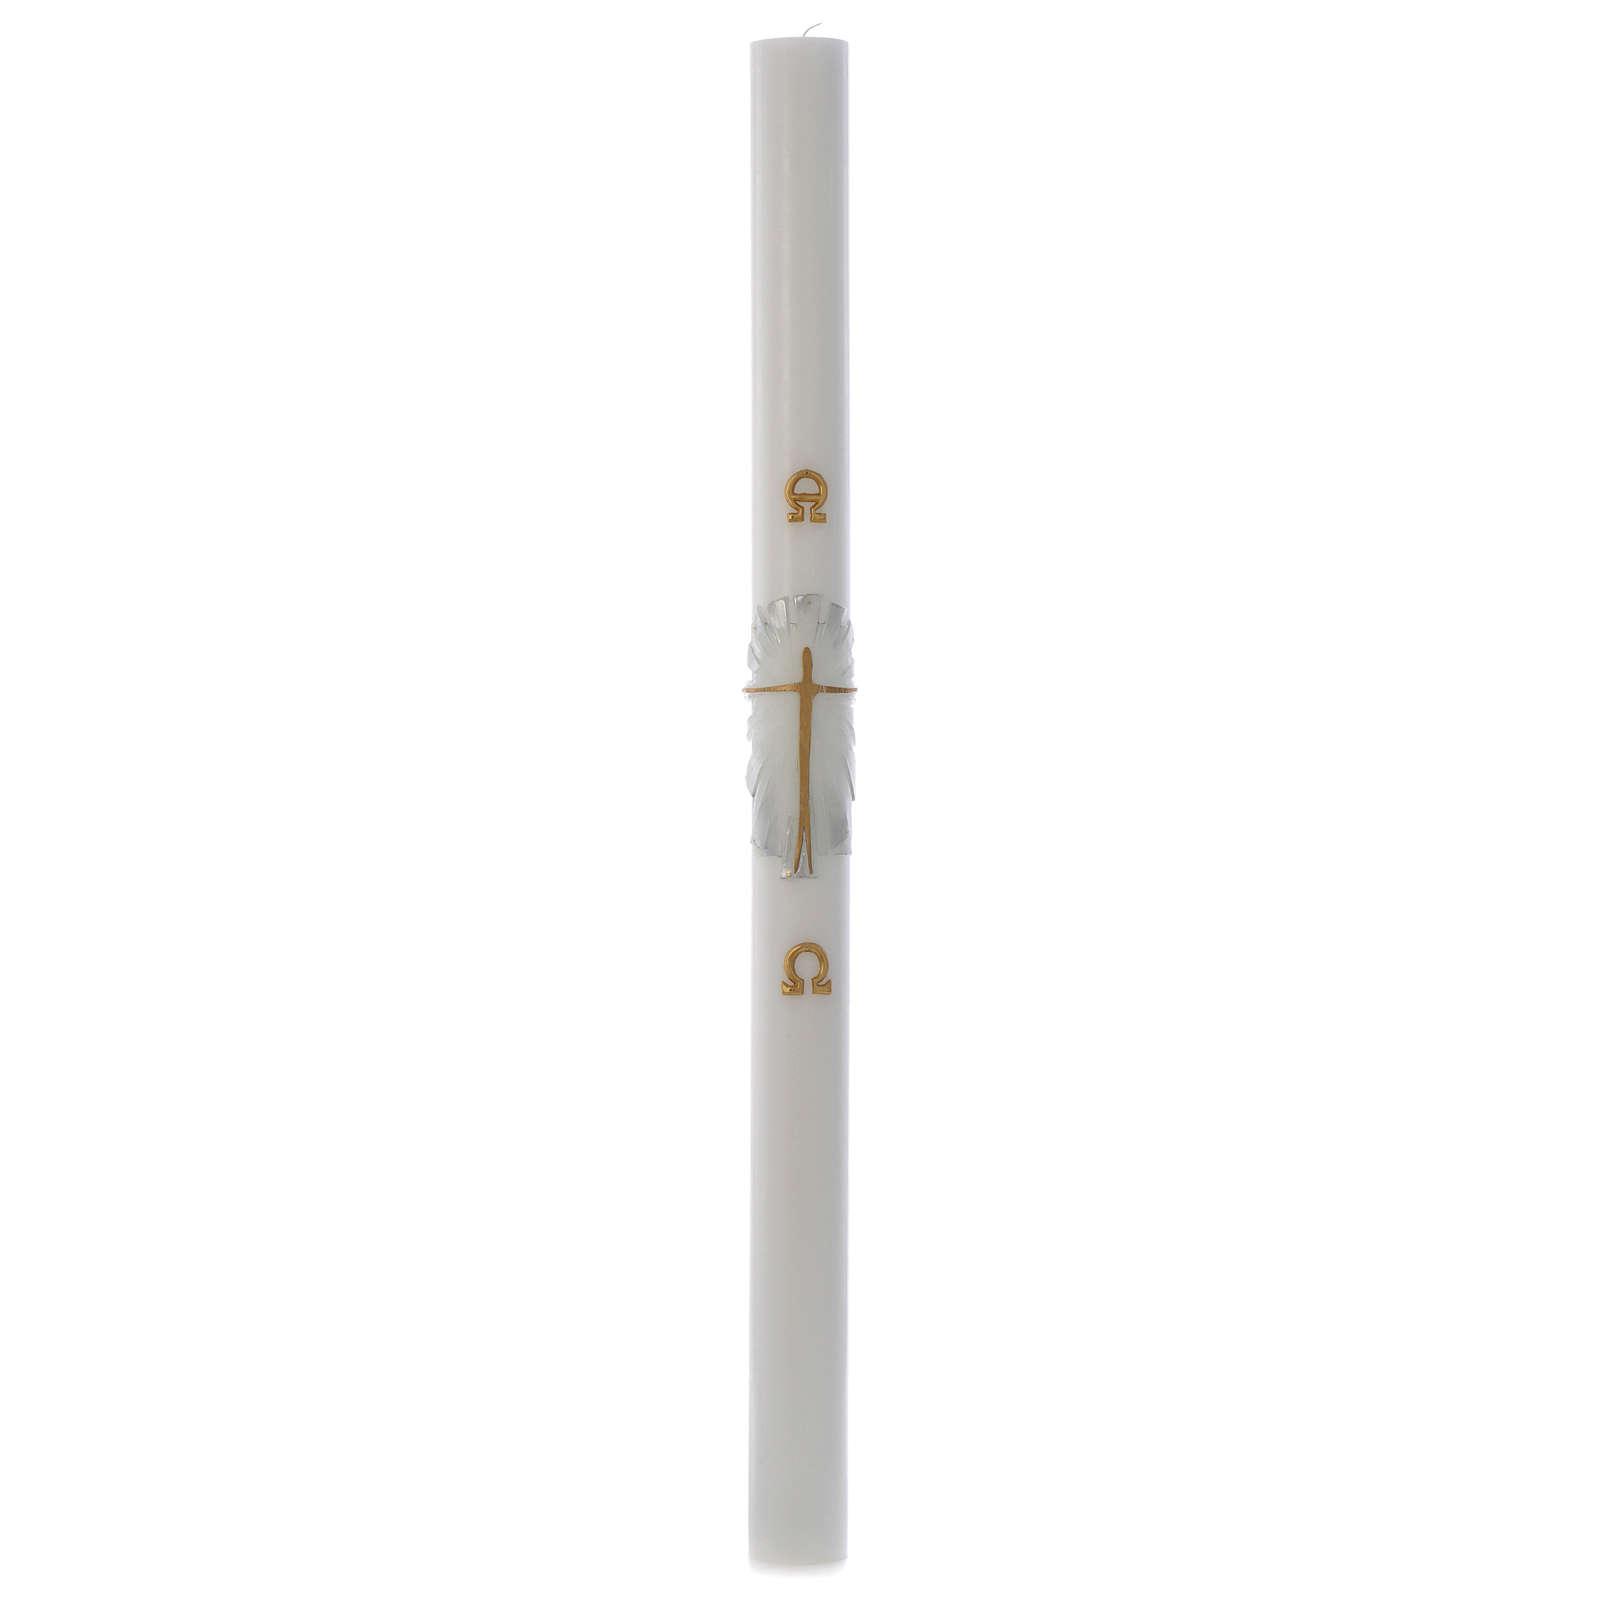 Cierge Pascal cire blanche Christ Ressuscité fond blanc argent 8x120cm 3